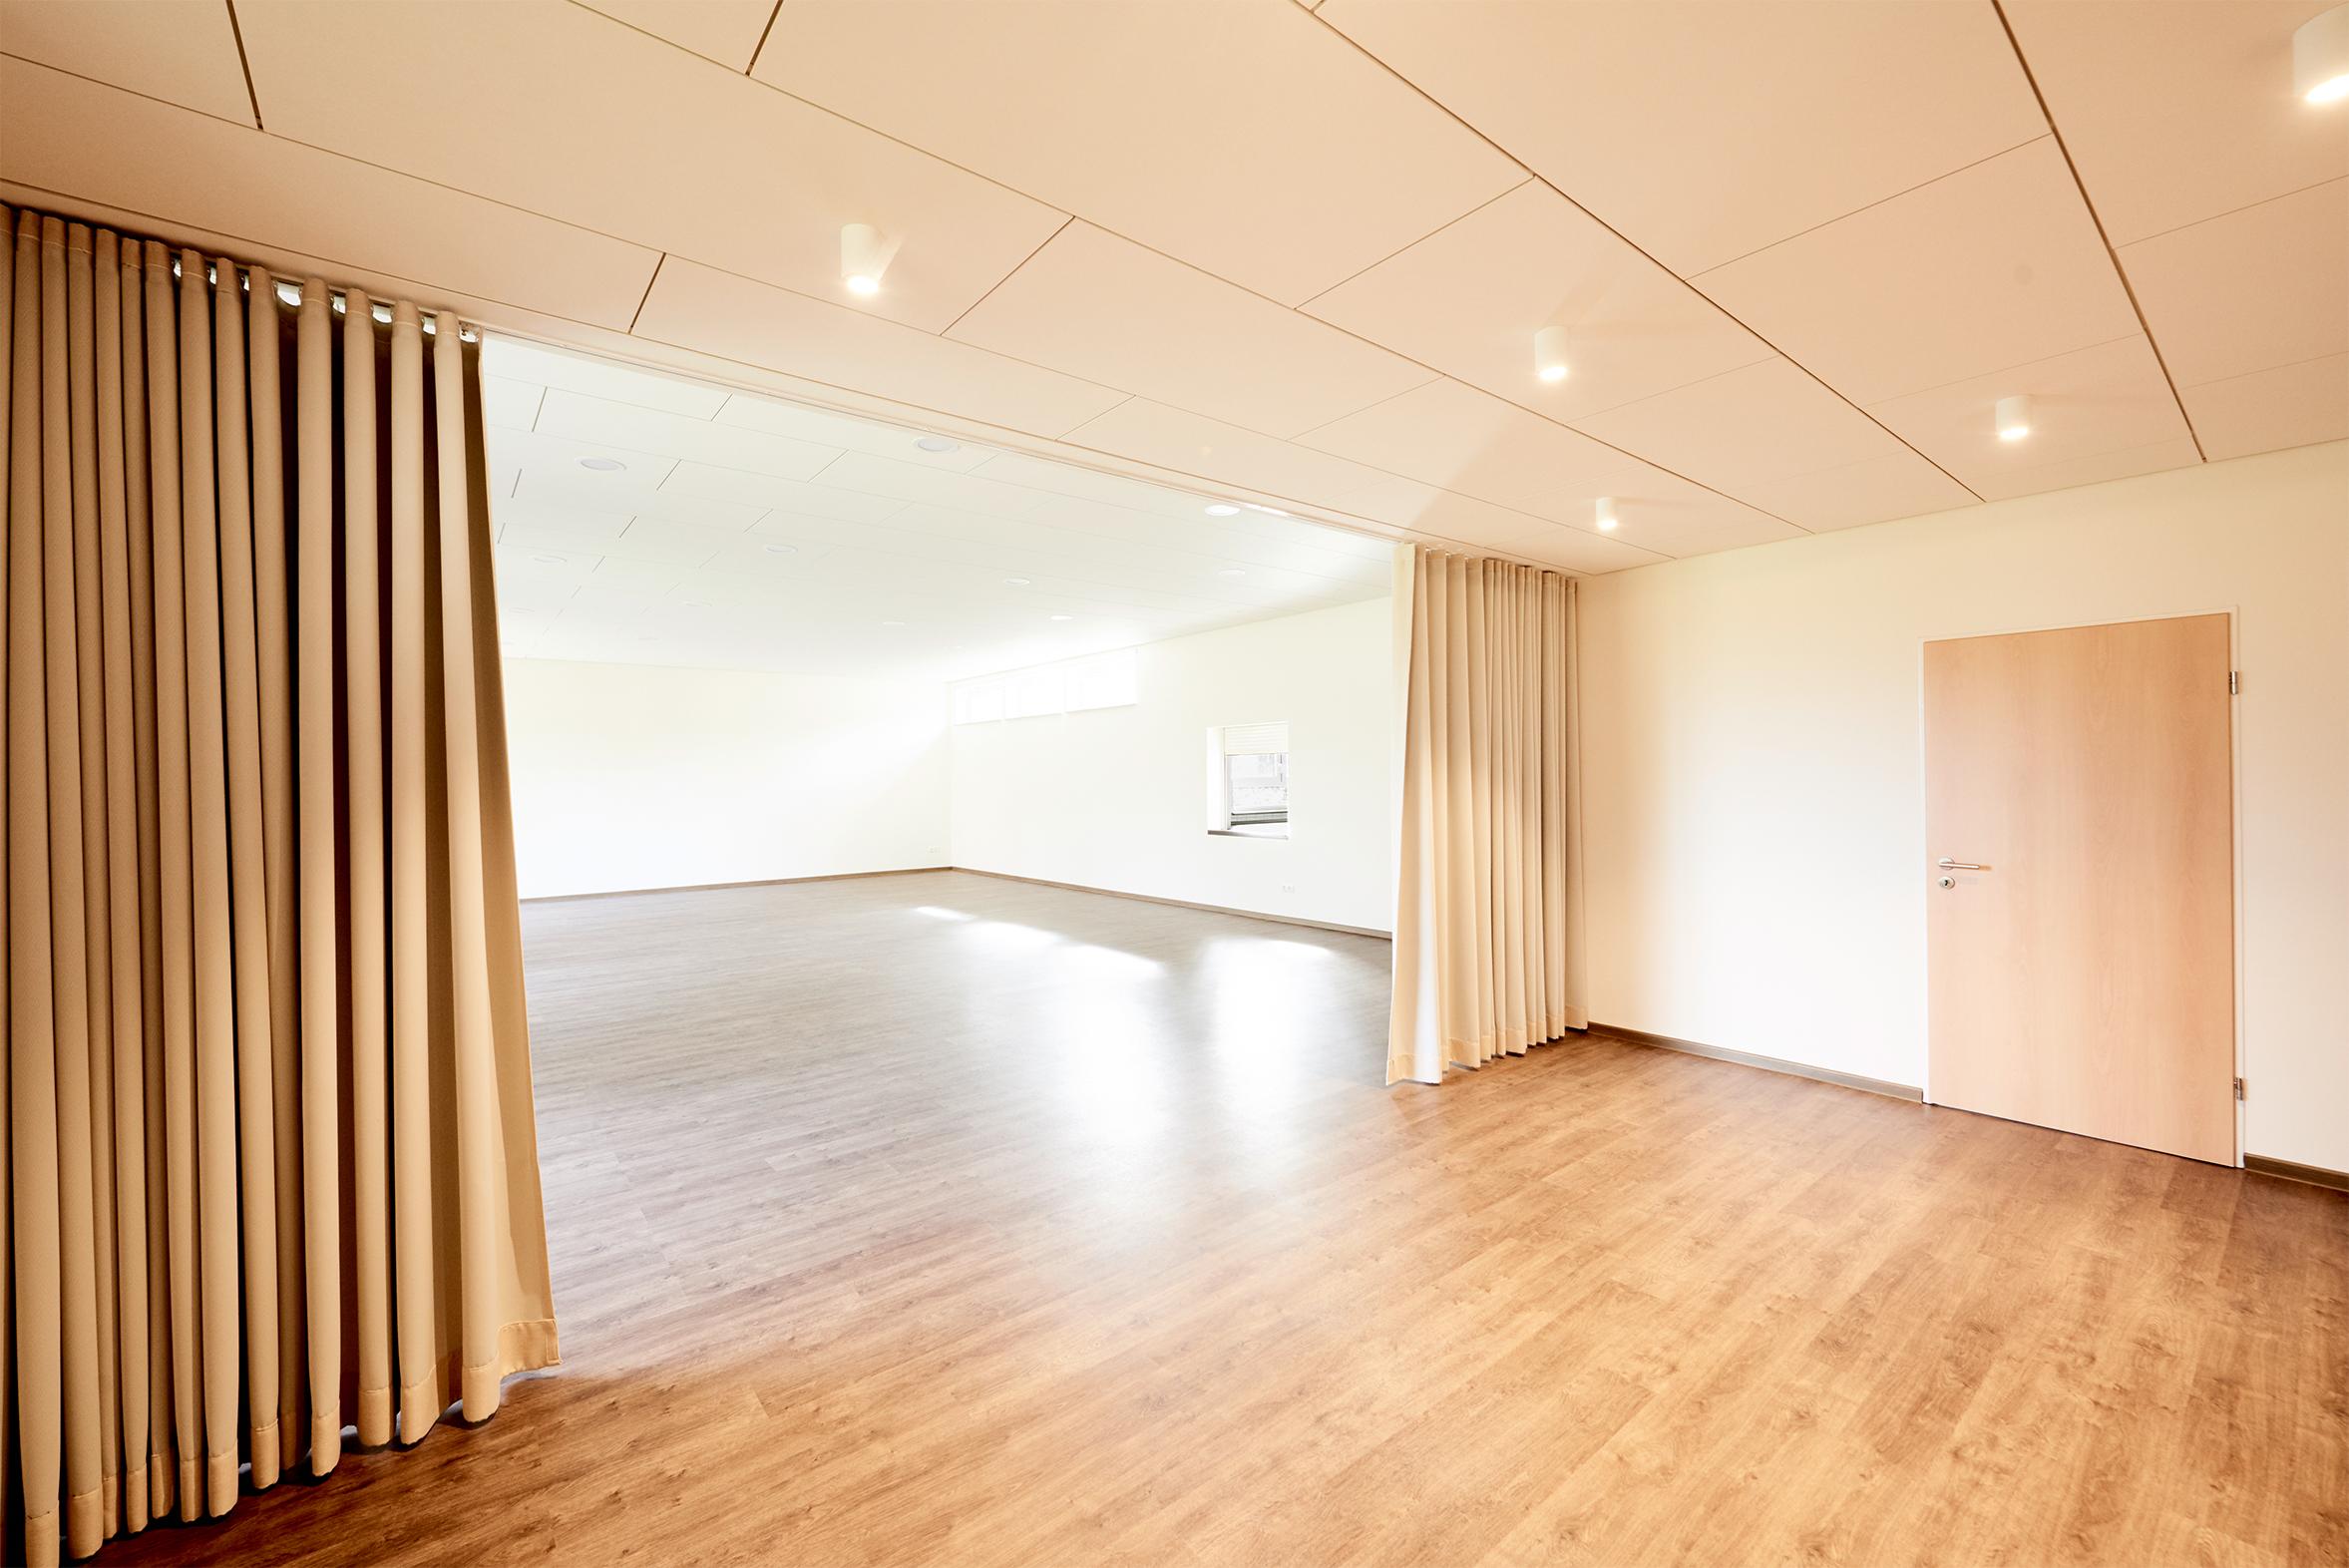 Gemeindesaal04